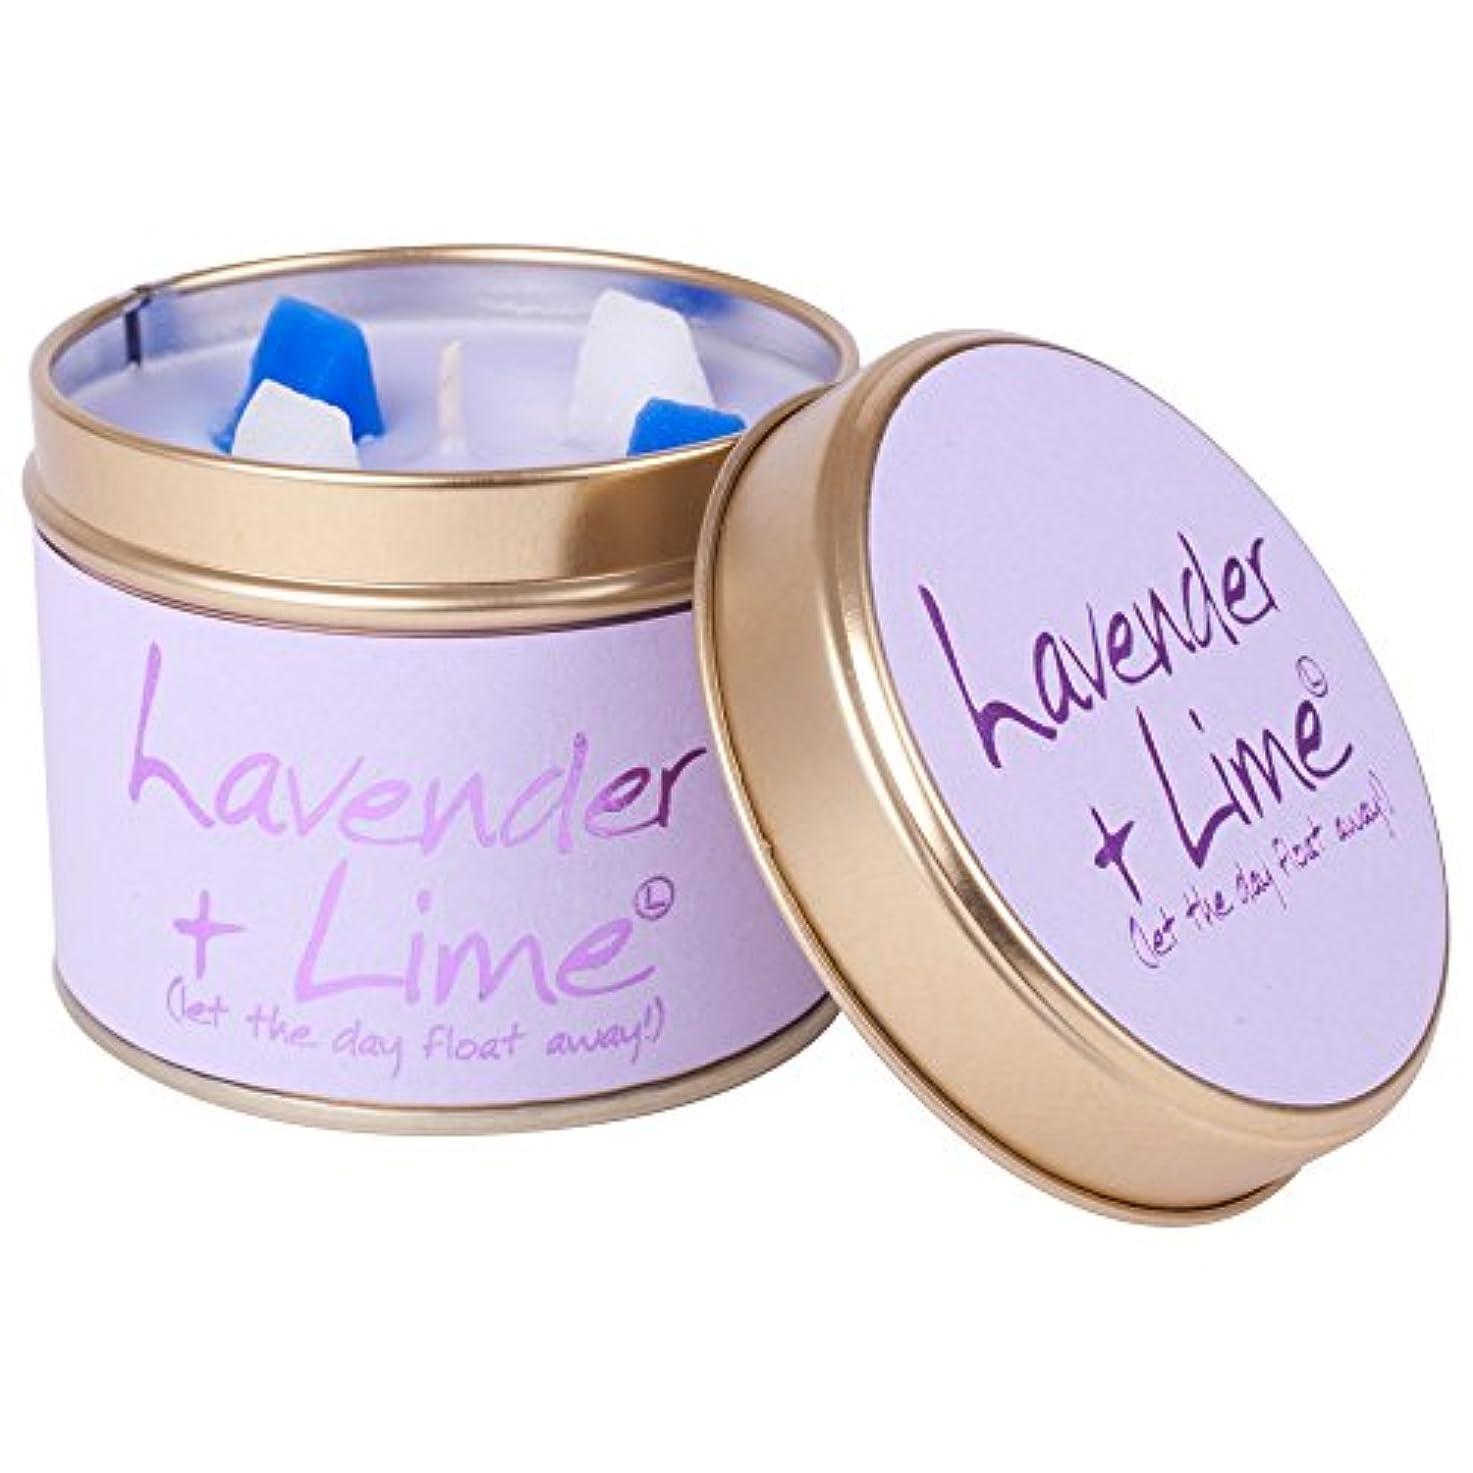 魅力わがままアルカイックLily-Flame Lavender and Lime Scented Candle Tin (Pack of 2) - ユリ炎ラベンダー、ライムの香りのキャンドルスズ (Lily-Flame) (x2) [並行輸入品]